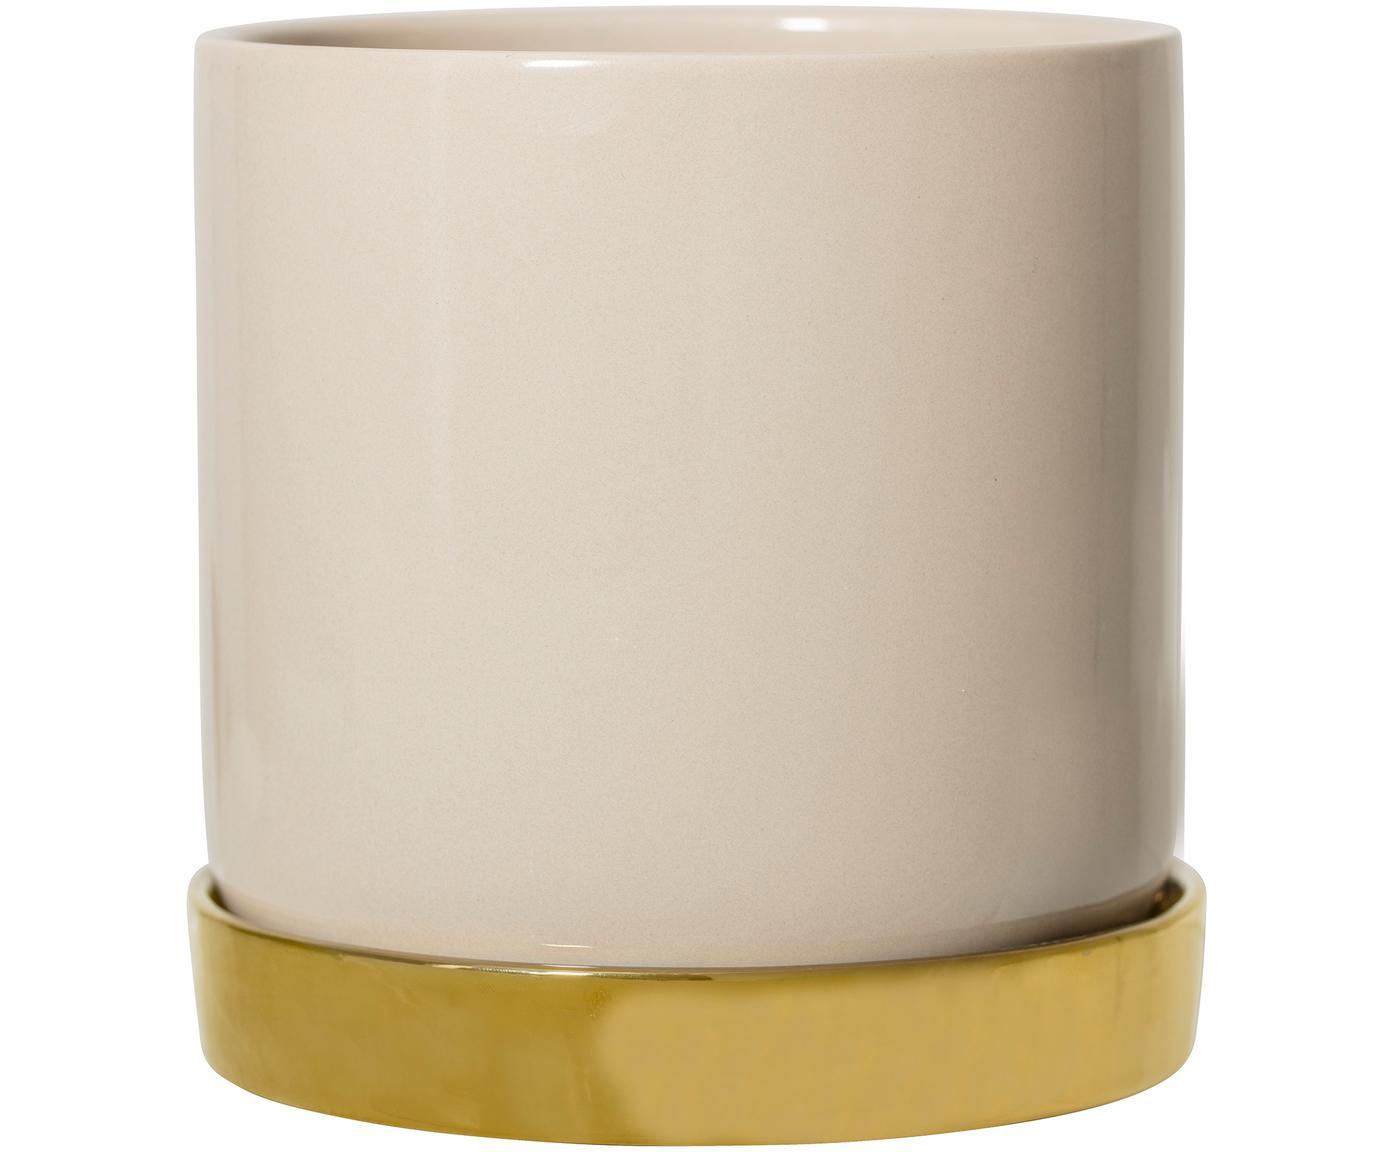 Portavaso Elin, Terracotta, Recipiente: beige Sottobicchiere: dorato, Ø 14 x Alt. 14 cm